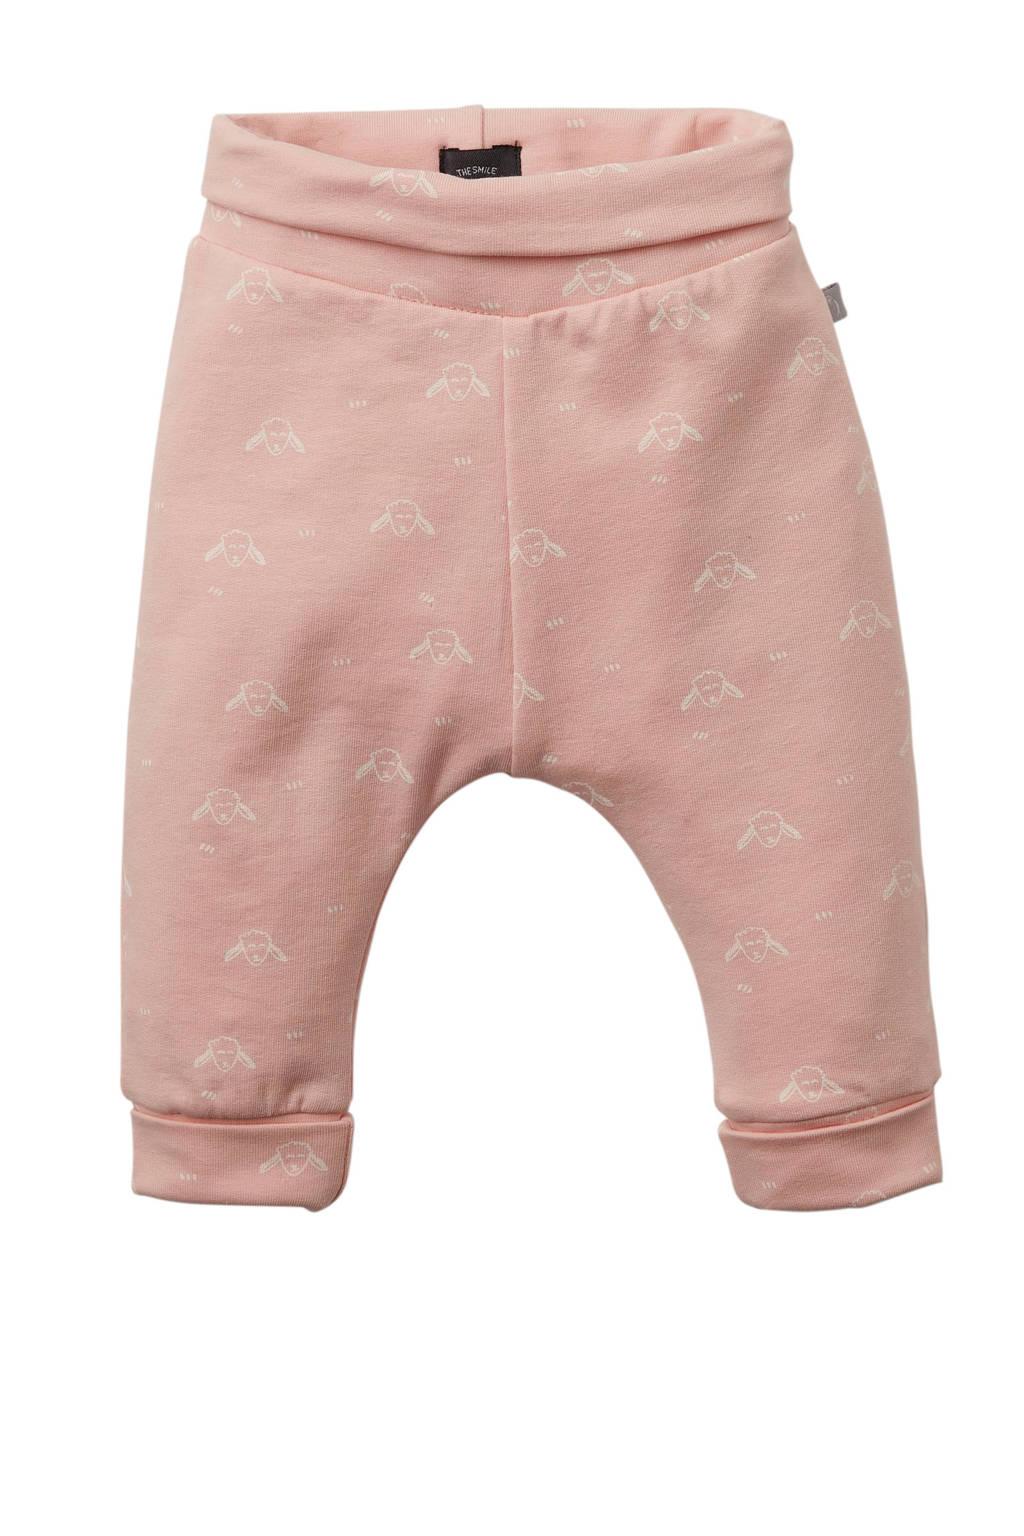 Babyface newborn broek met all over print lichtroze/wit, Lichtroze/wit